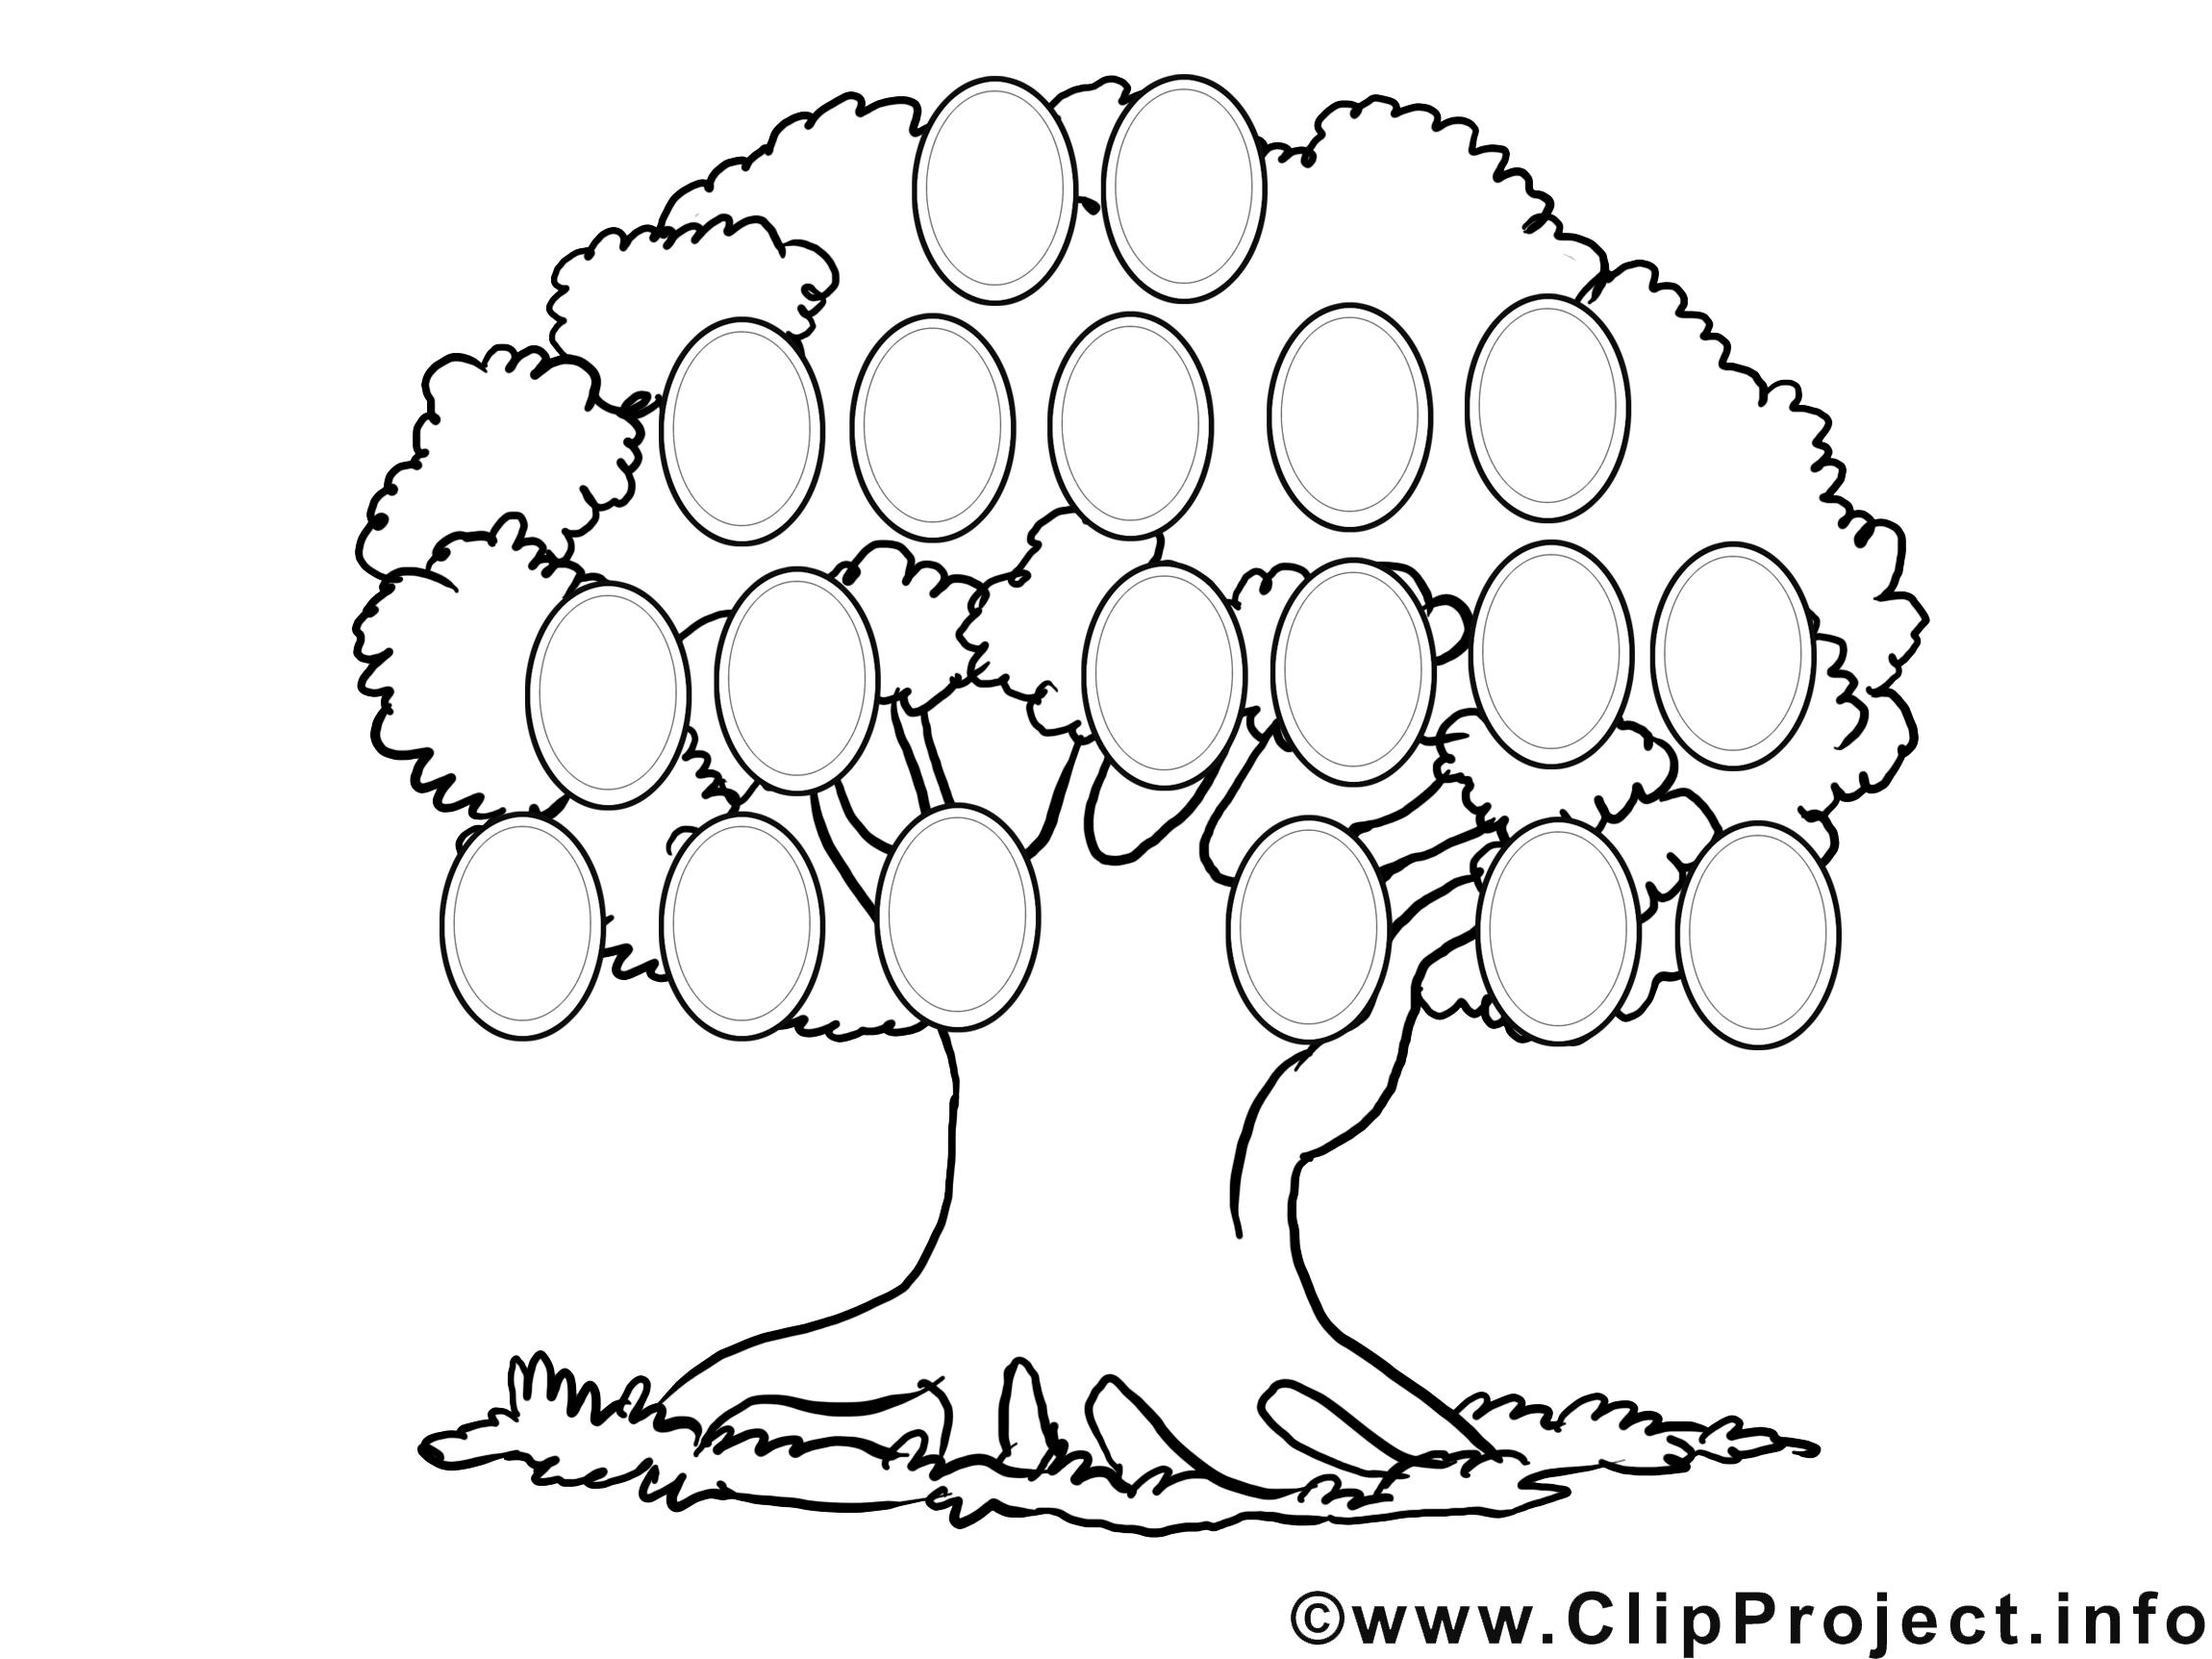 Генеологичне дерево шаблон раскраска